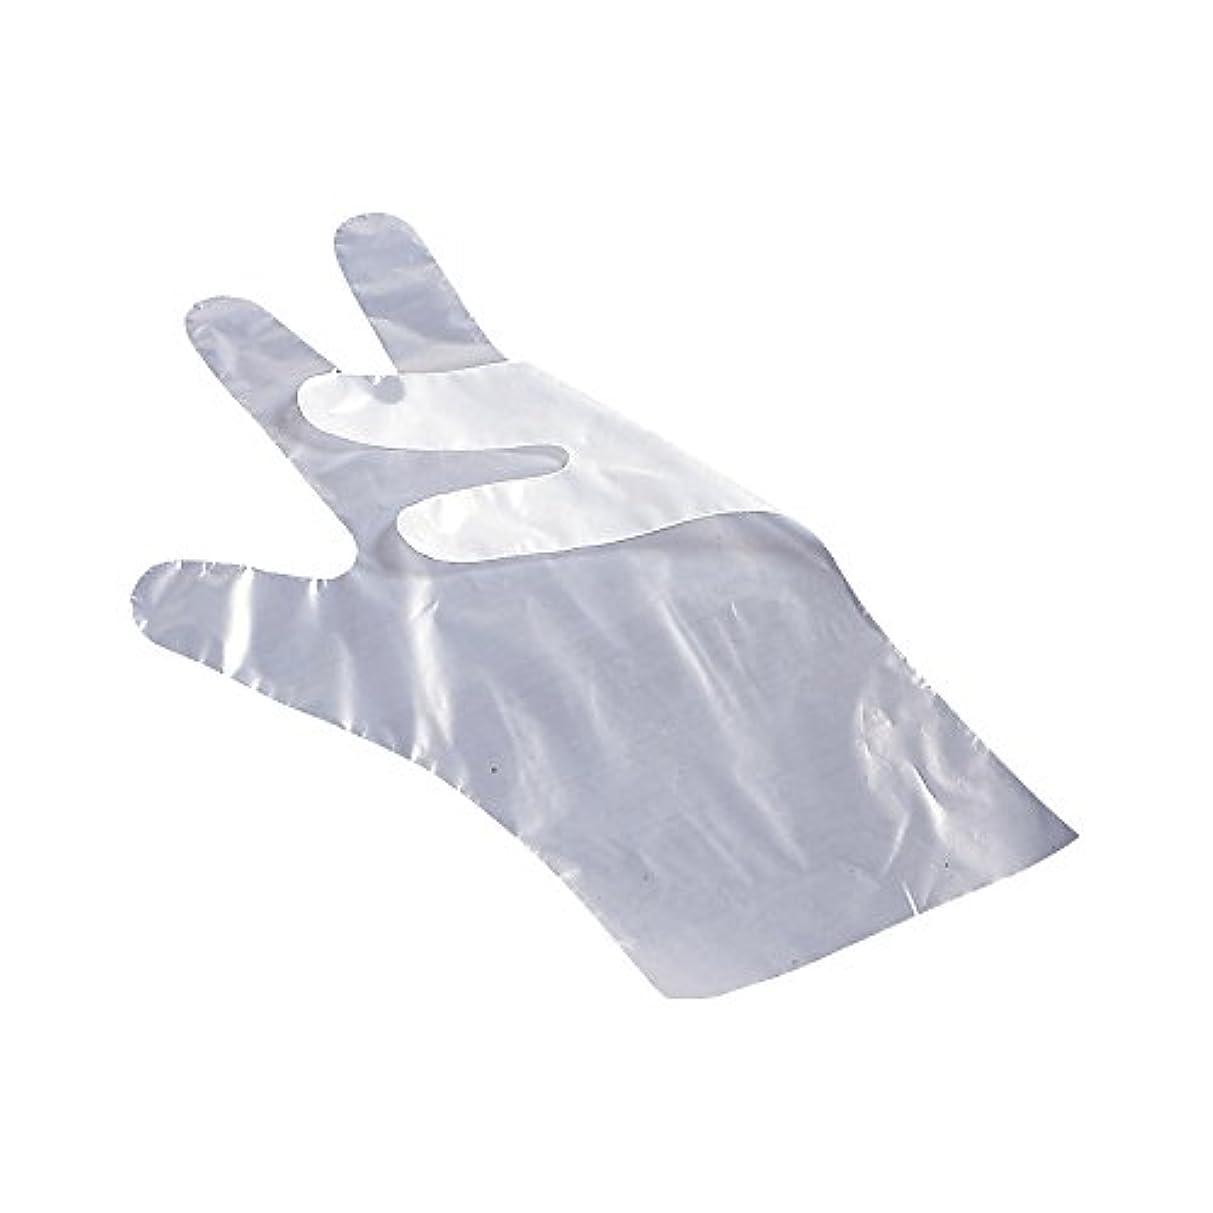 バスルーム口頭放射するサクラメンポリエチレン手袋 エコノミー強力 A 200枚入 S